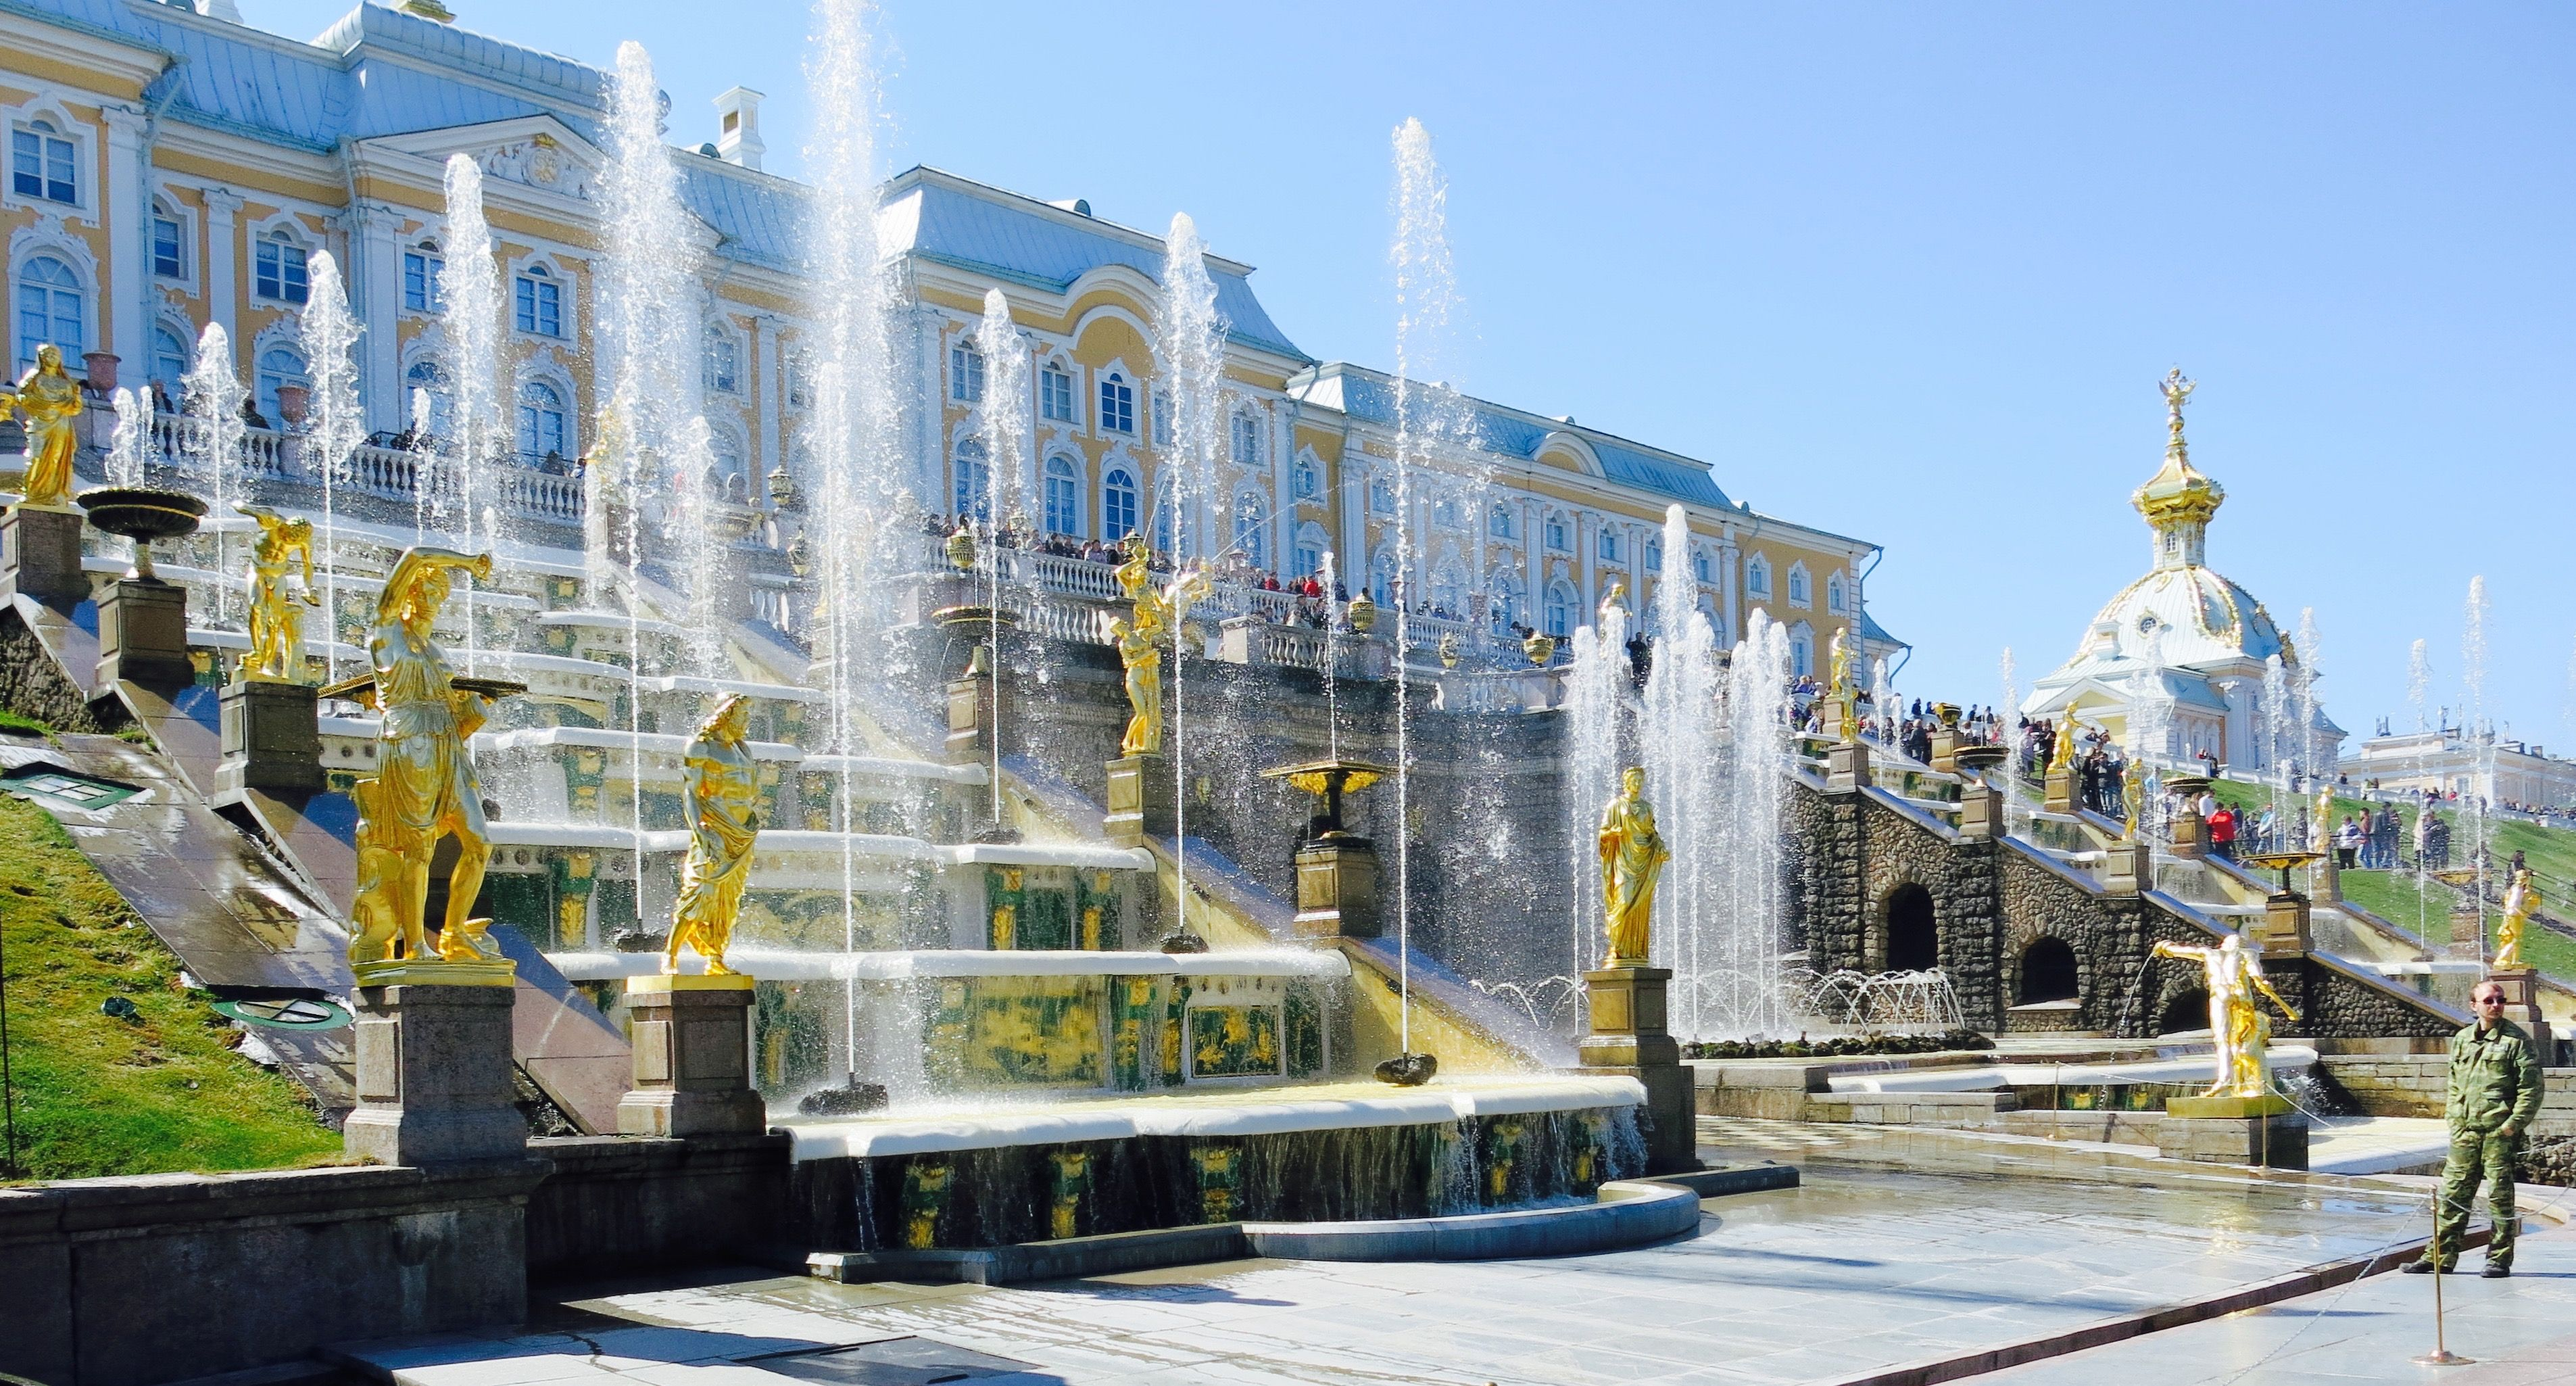 Peterhof Sint Petersburg, het zomerverblijf van tsaar Peter de Grote